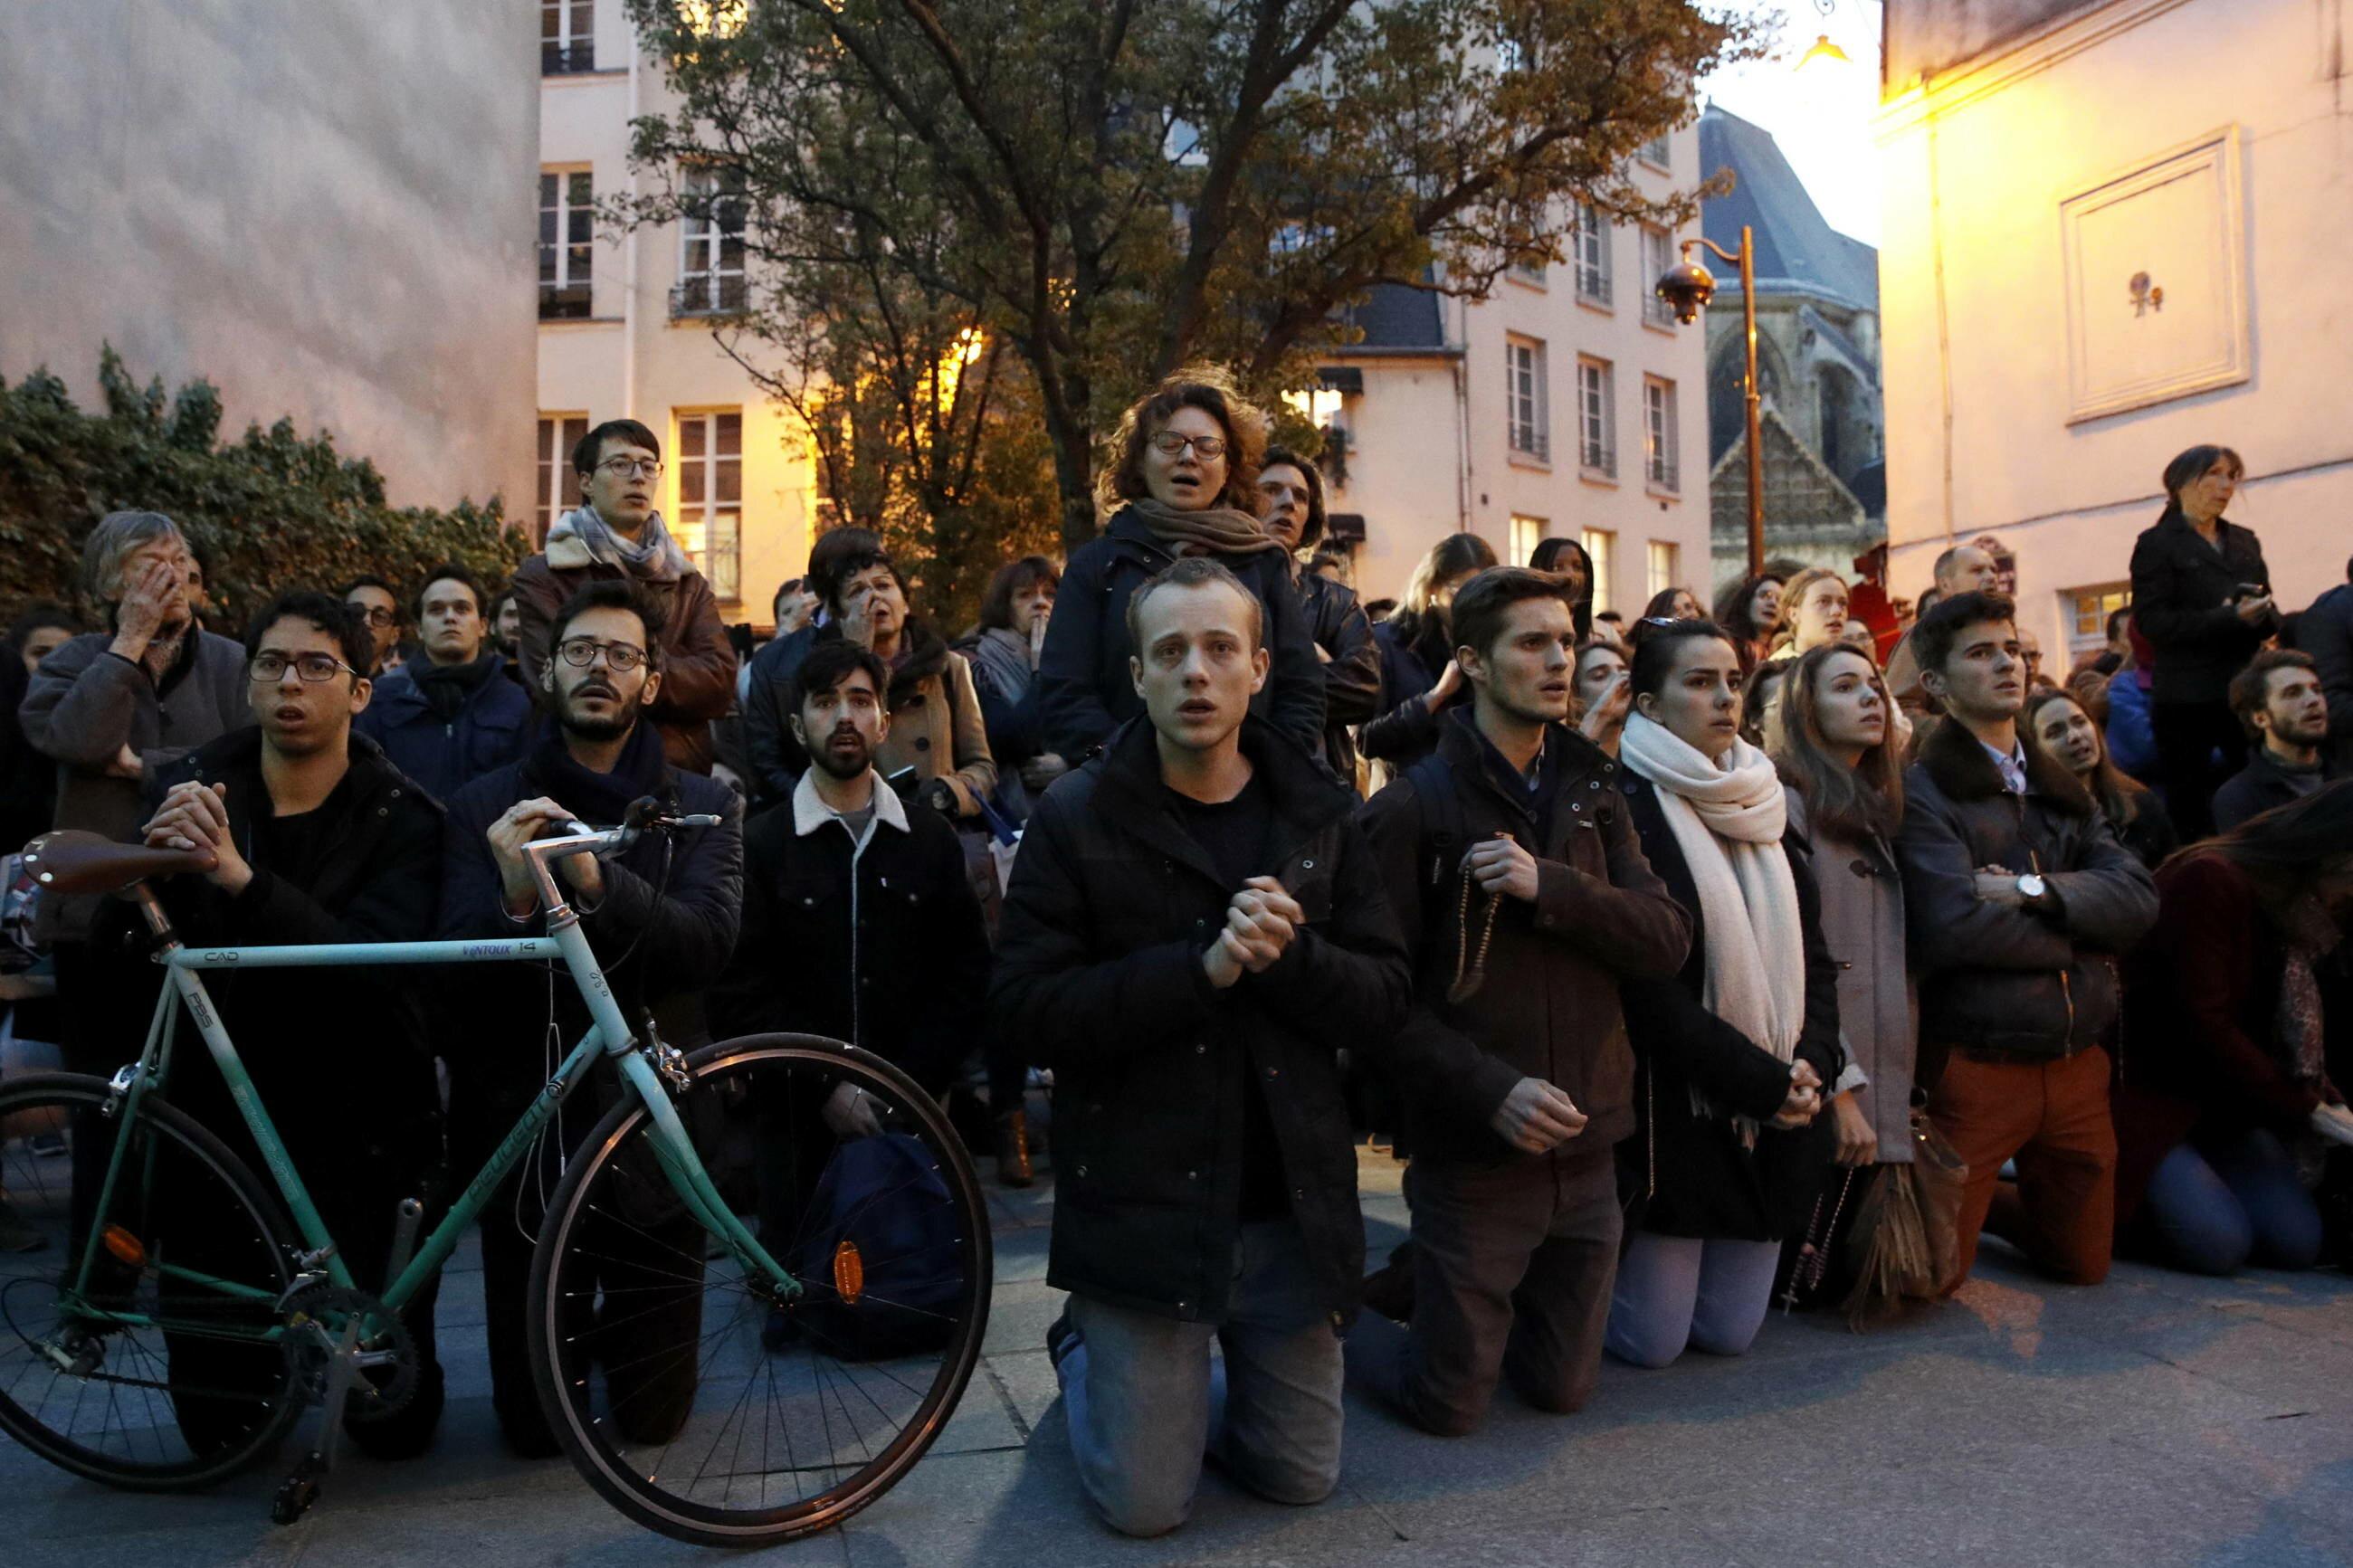 Francuzi modlą się przed katedrą Notre Dame